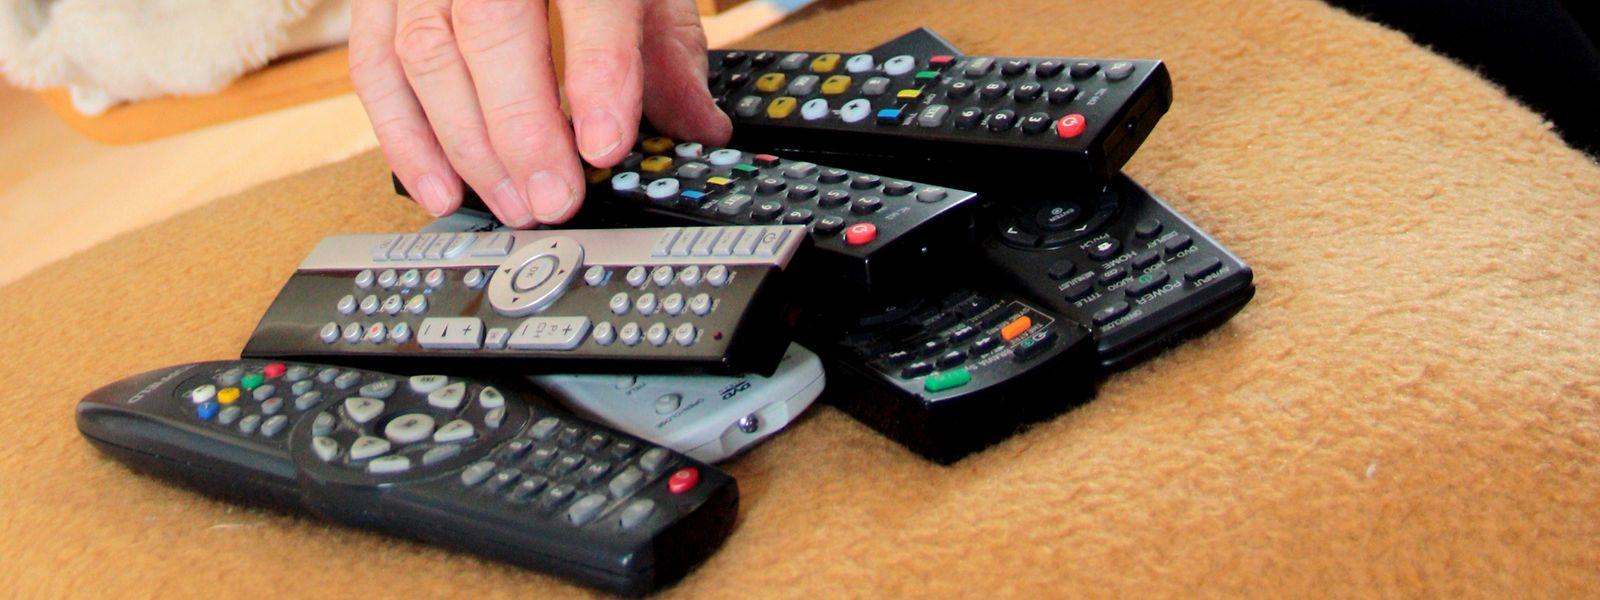 Mit welcher Fernbedienung geht das TV leiser? Wer mehrere auf dem Tisch liegen hat und dabei schnell den Überblick verliert, wünscht sich vielleicht eine Universalfernbedienung.